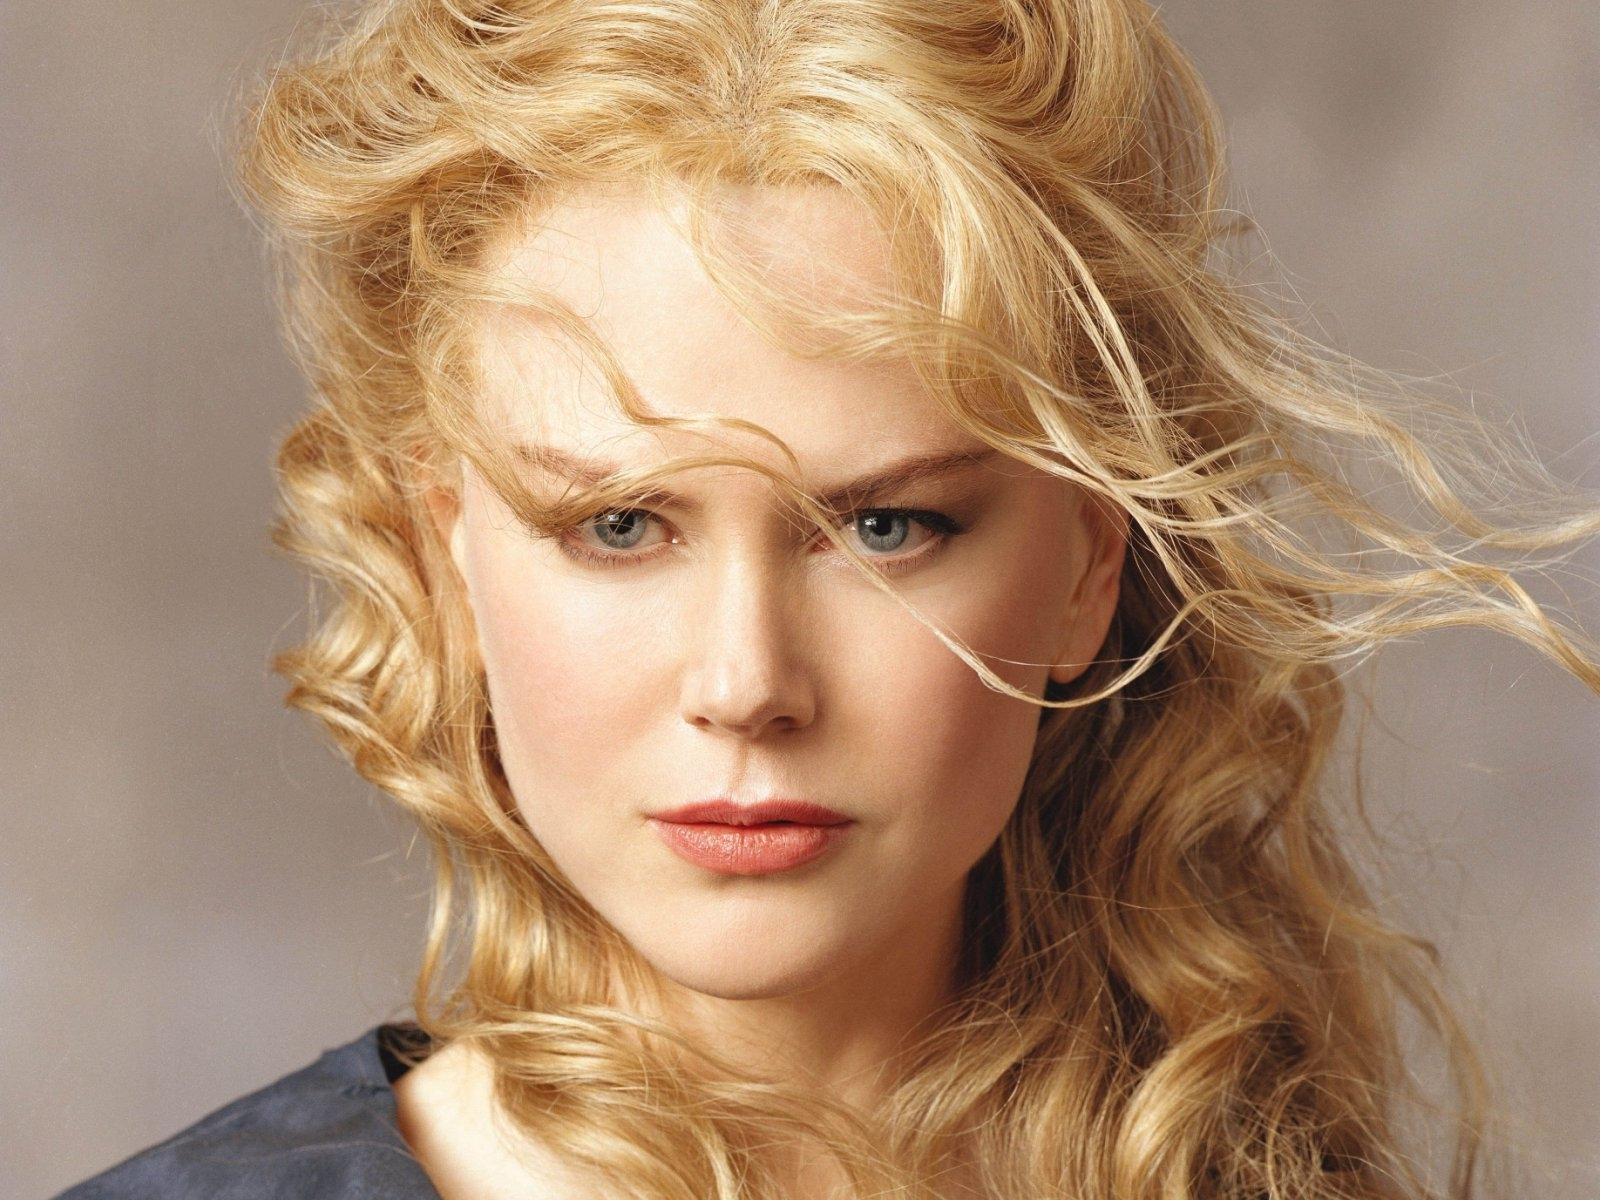 Nicole kidman actress photos